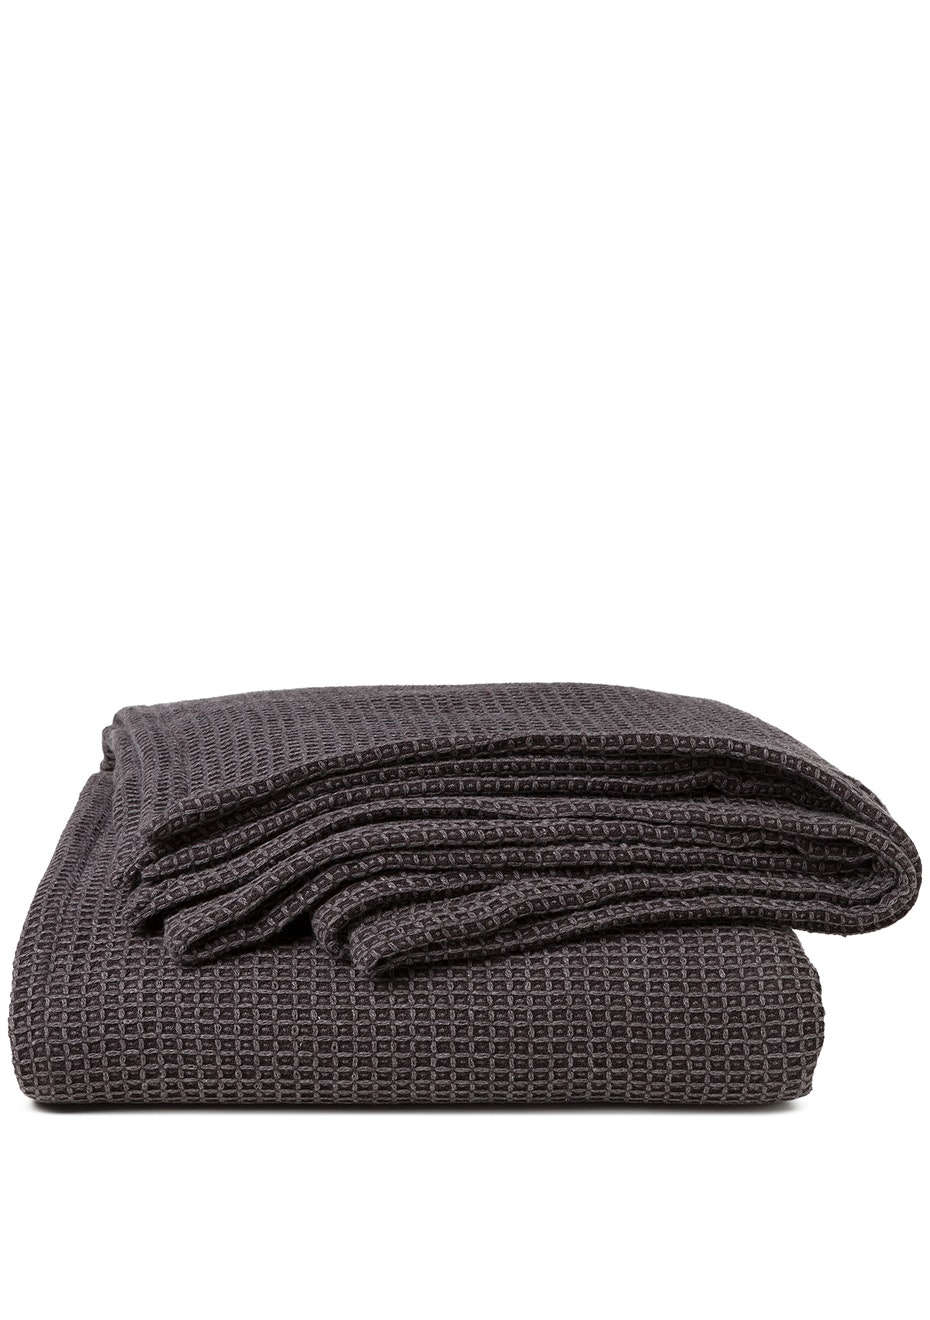 Sogno Linen Blend  Blanket Charcoal